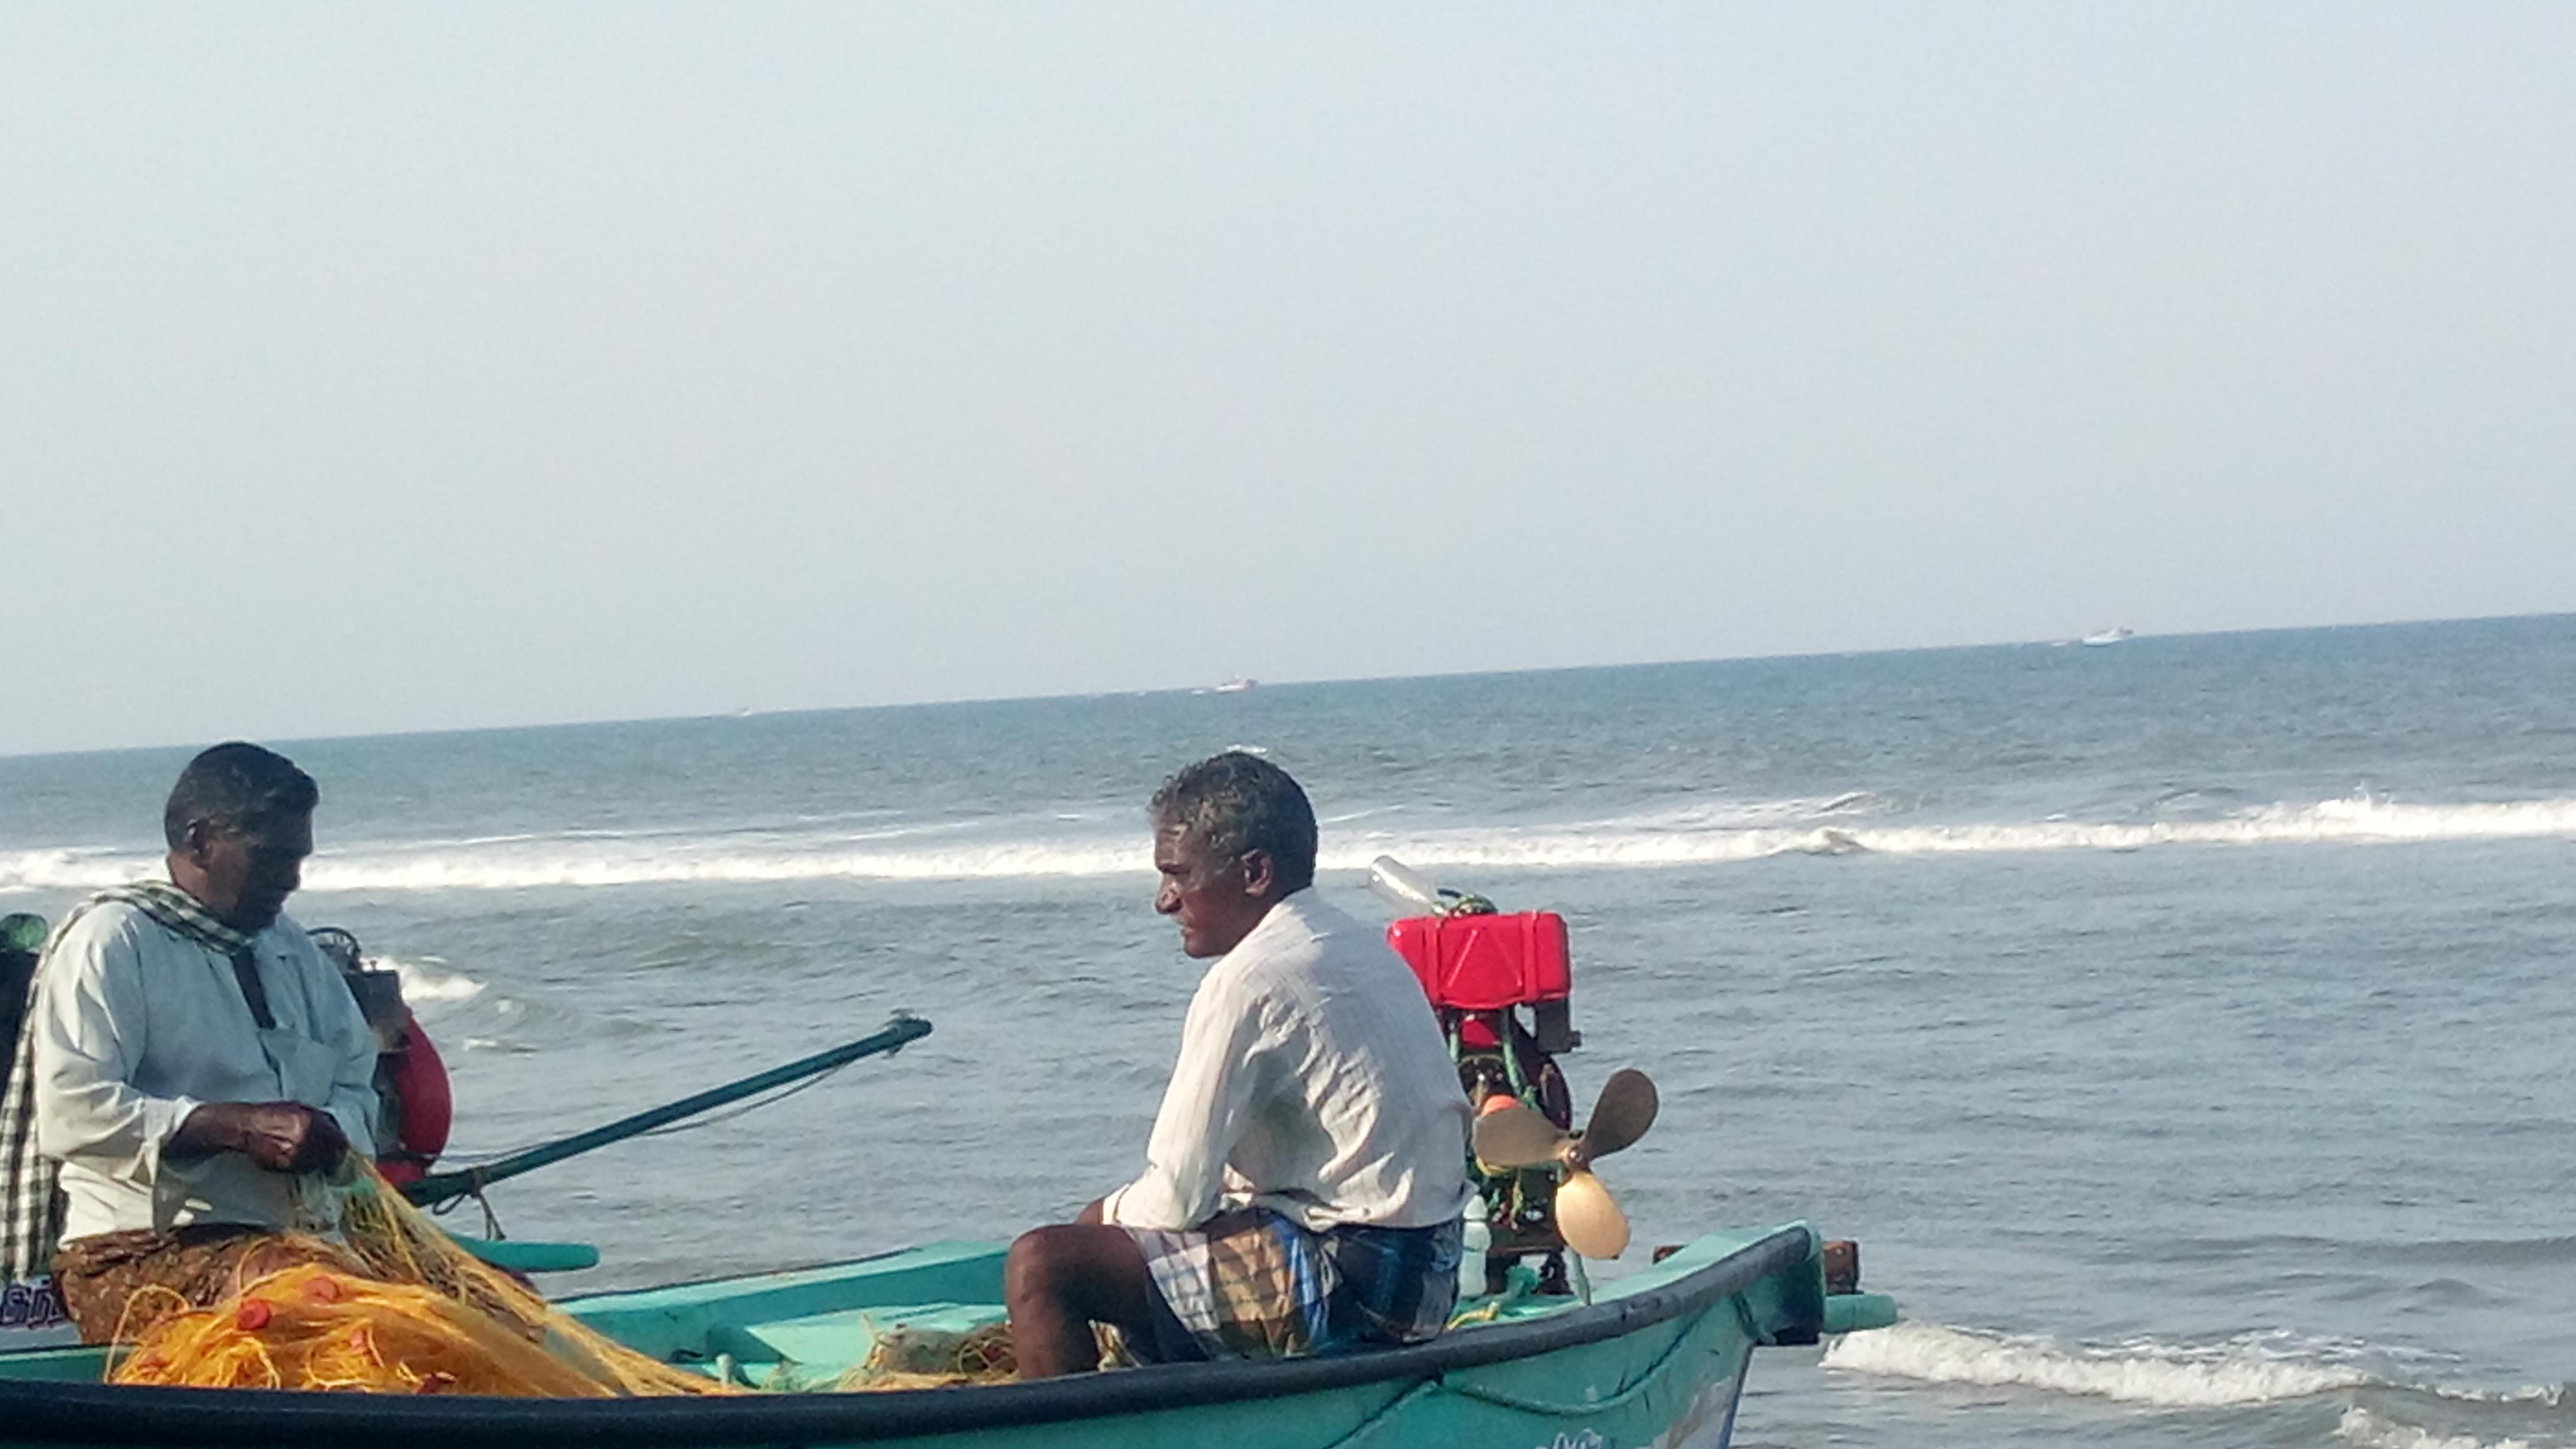 Elections 2019: Kanyakumari Fishermen Demand Voting For